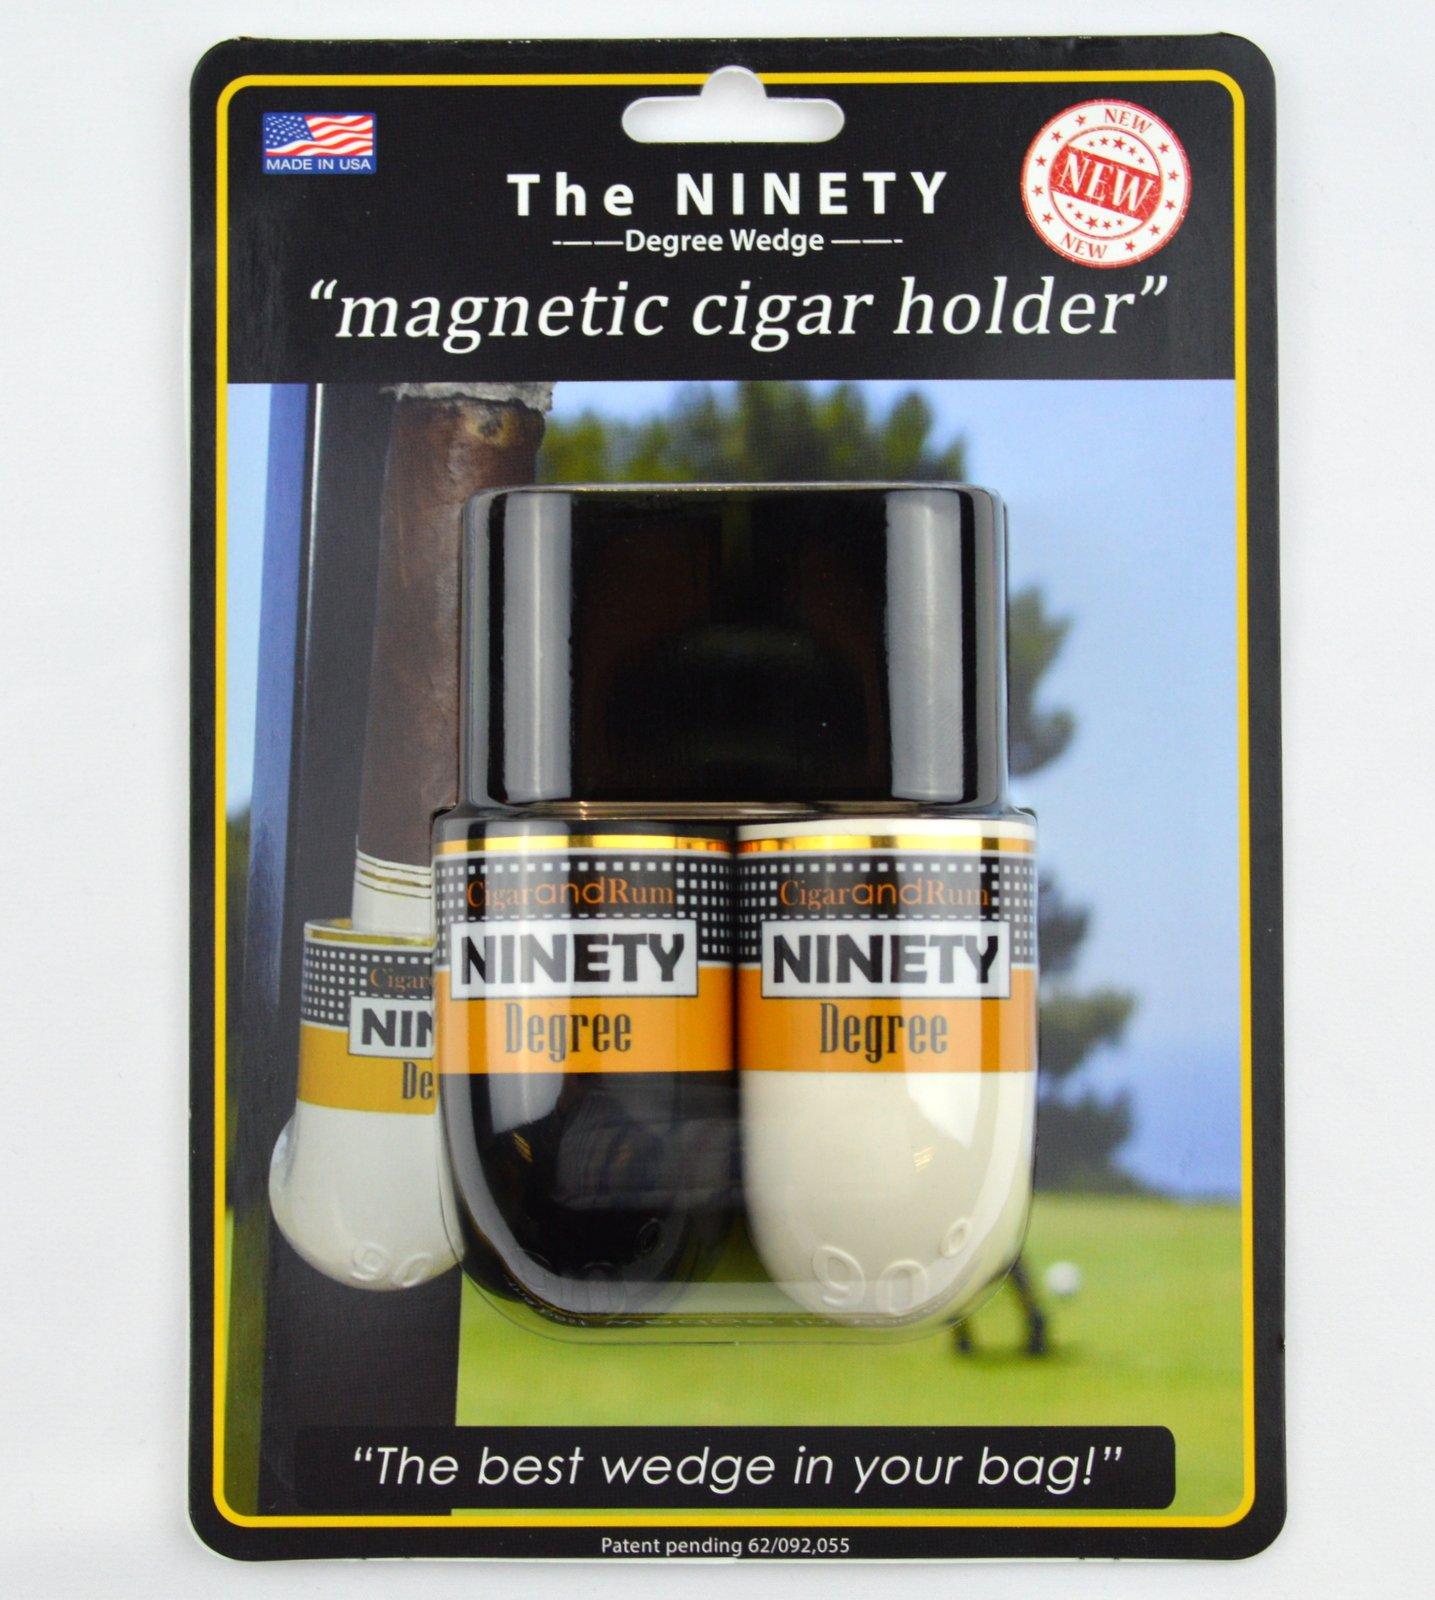 Ninety Degree Wedge The Magnetic Cigar Holder - White/Black